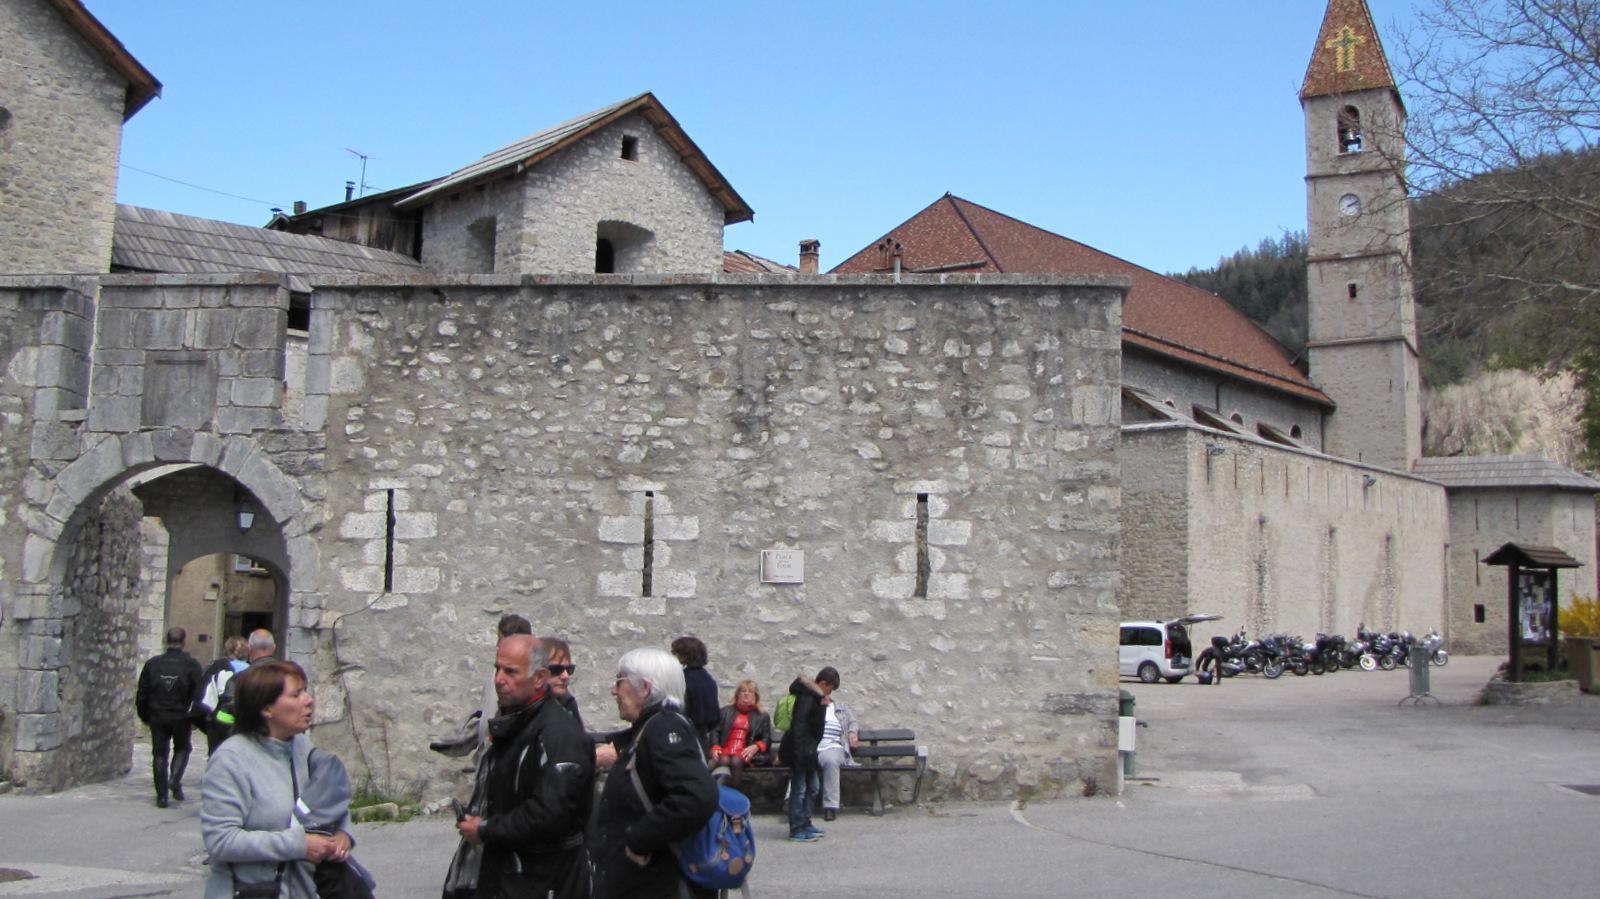 visite de la ville médiévale